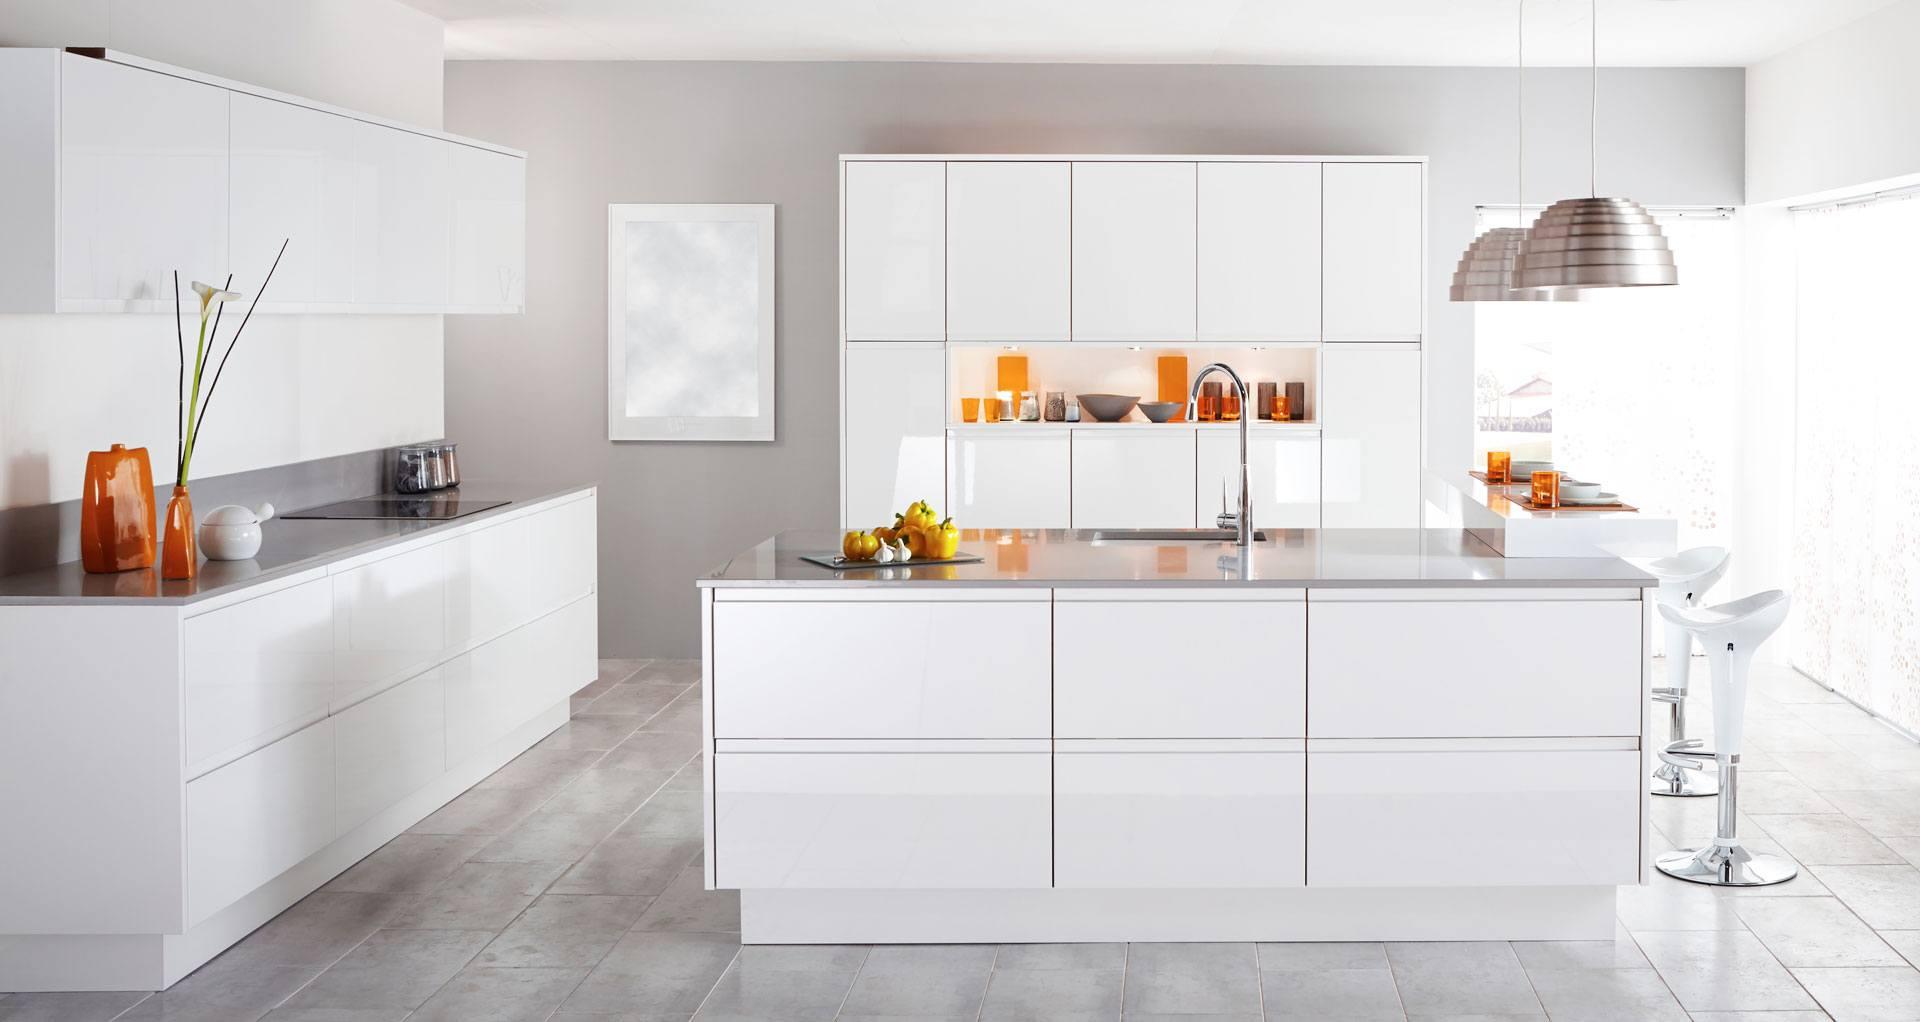 Aménager sa cuisine et sa salle de bain - Les Maisons Extraco